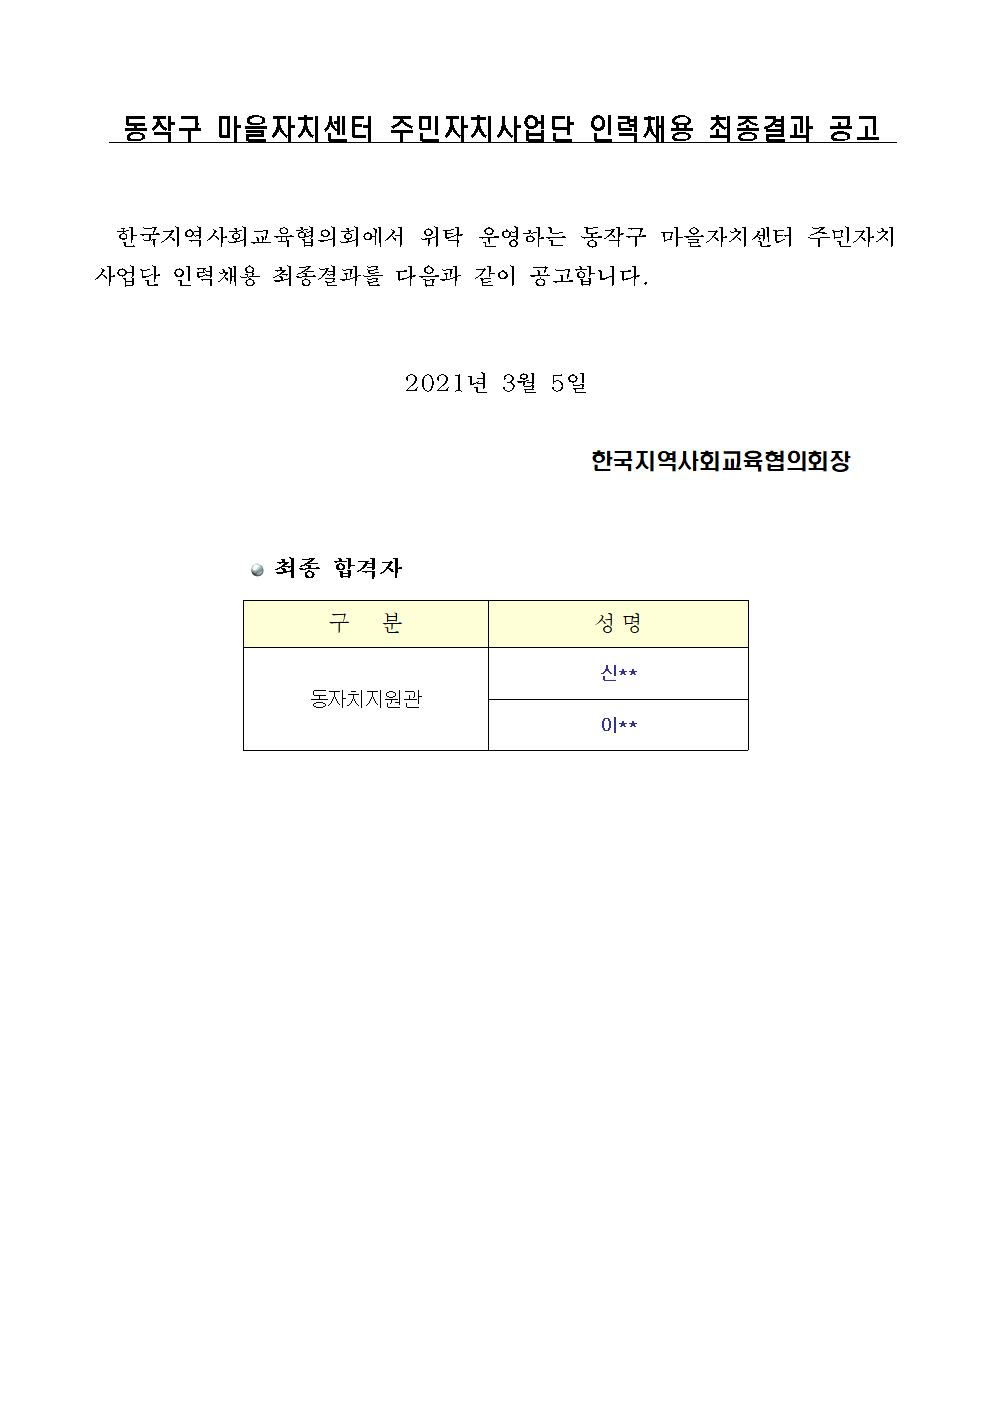 동작구센터 주민자치사업단 인력채용 최종 결과.jpg